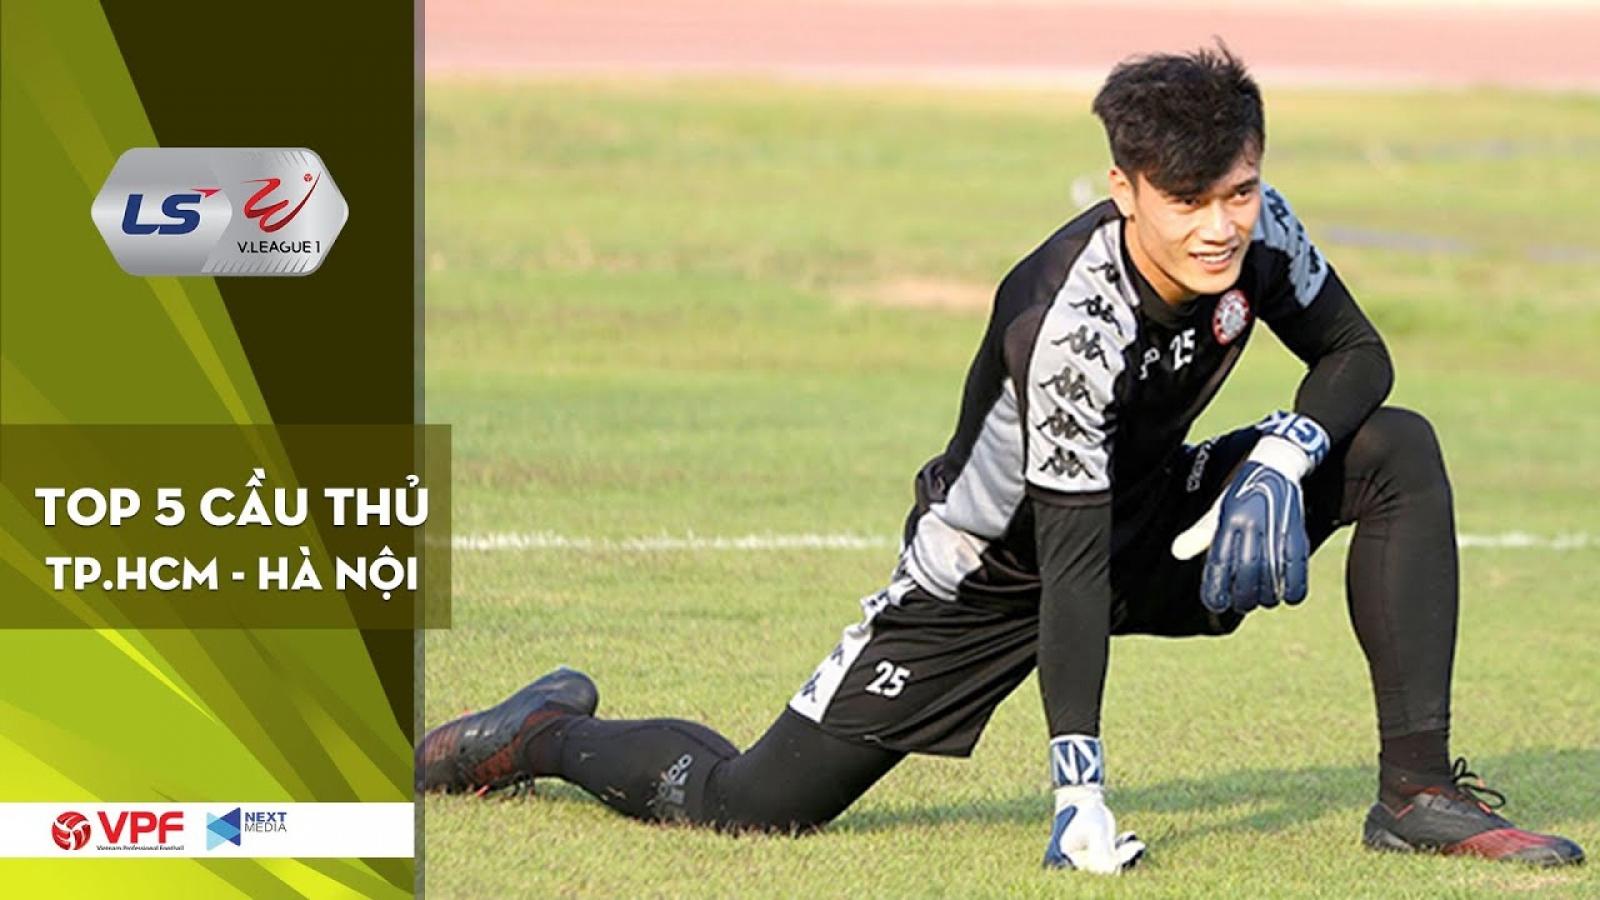 Bùi Tiến Dũng sẽ là người quyết định số phận trận TPHCM - Hà Nội FC?